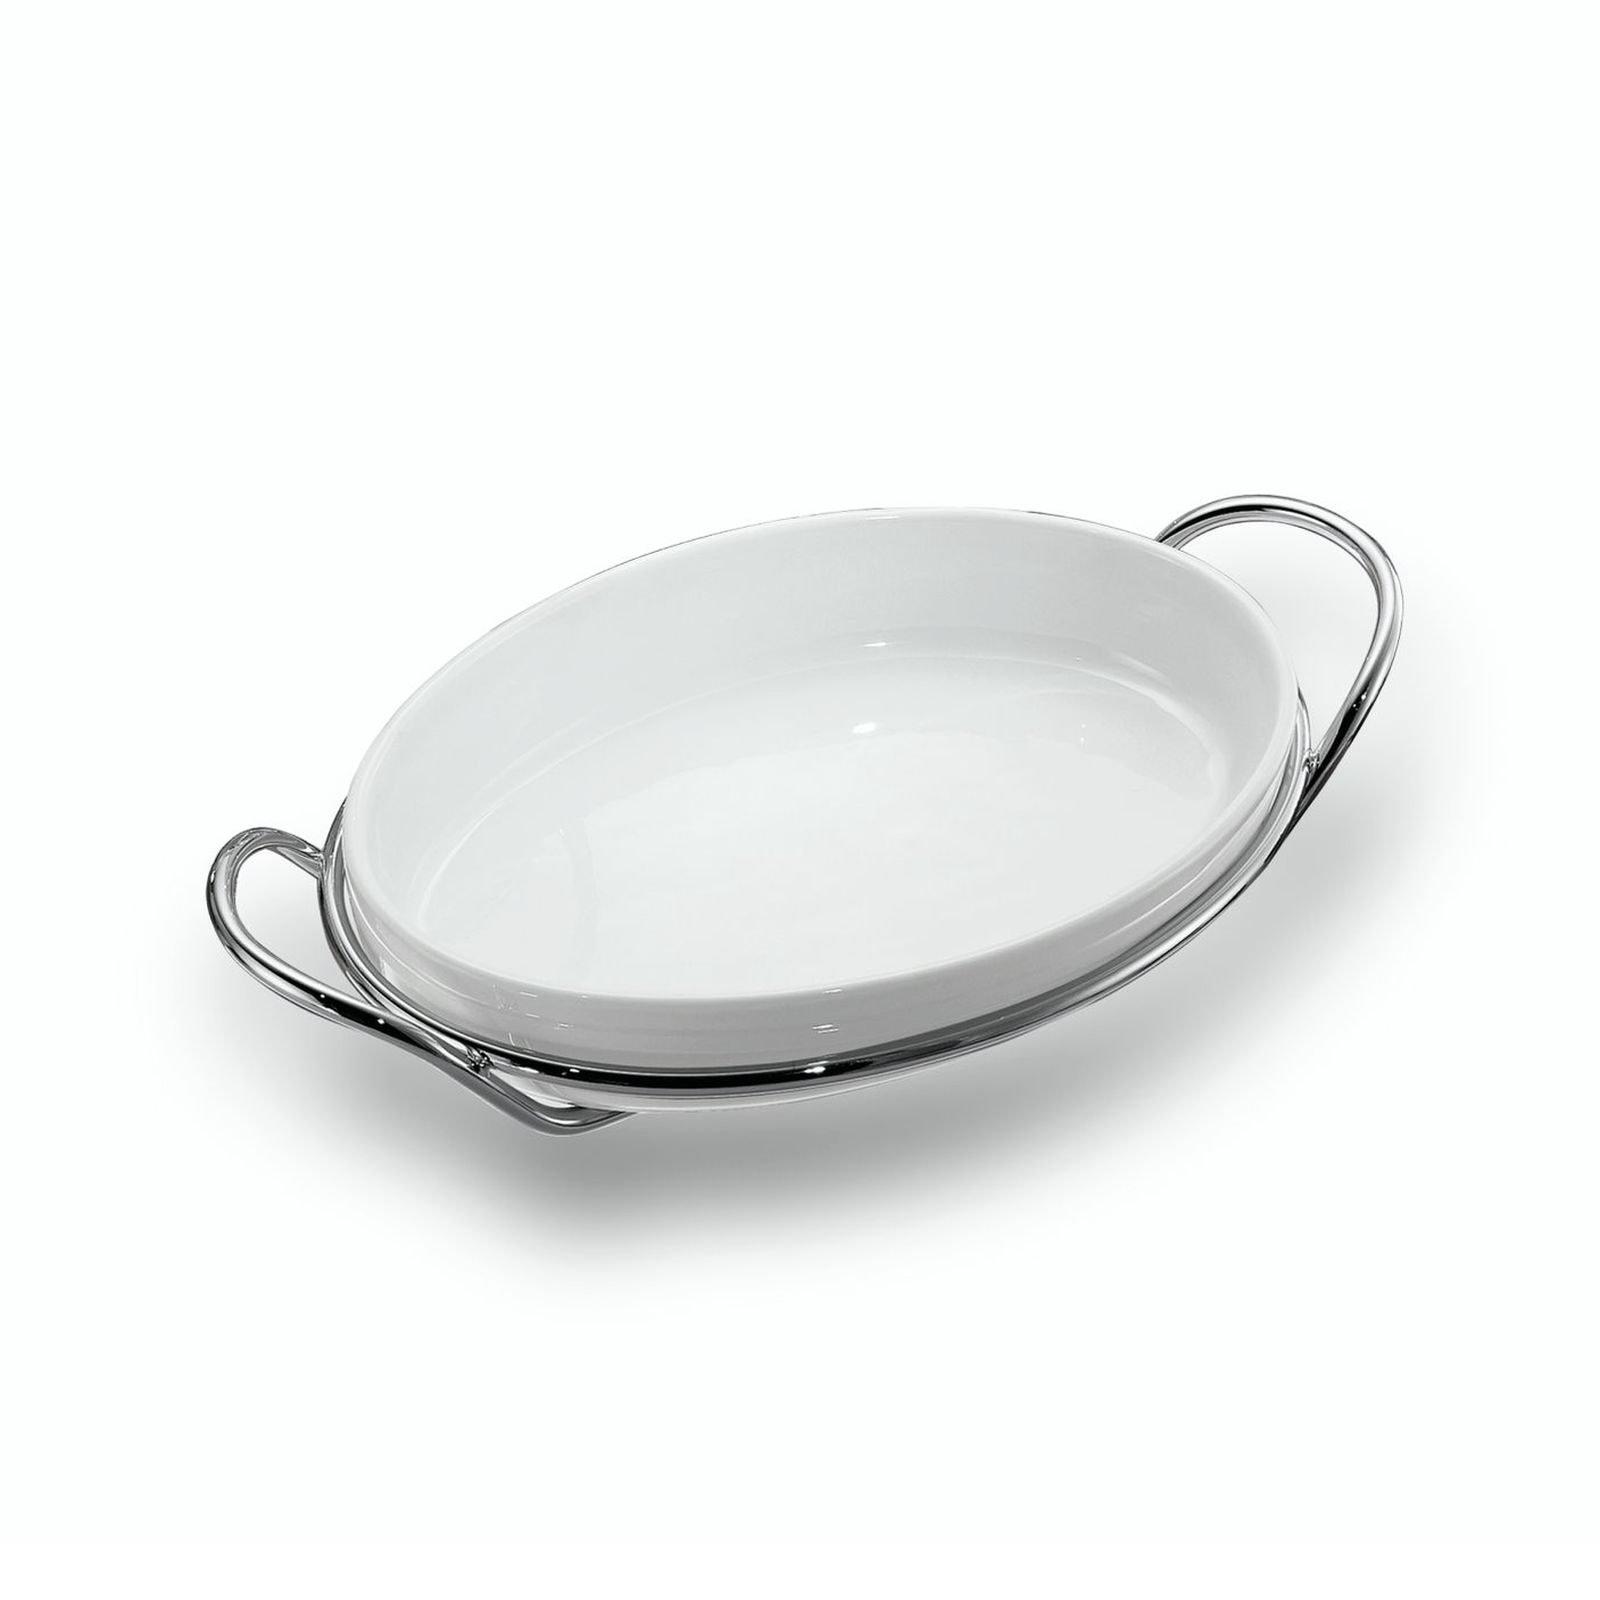 pirofila-in-porcellana-ovale-zanetto-tavola